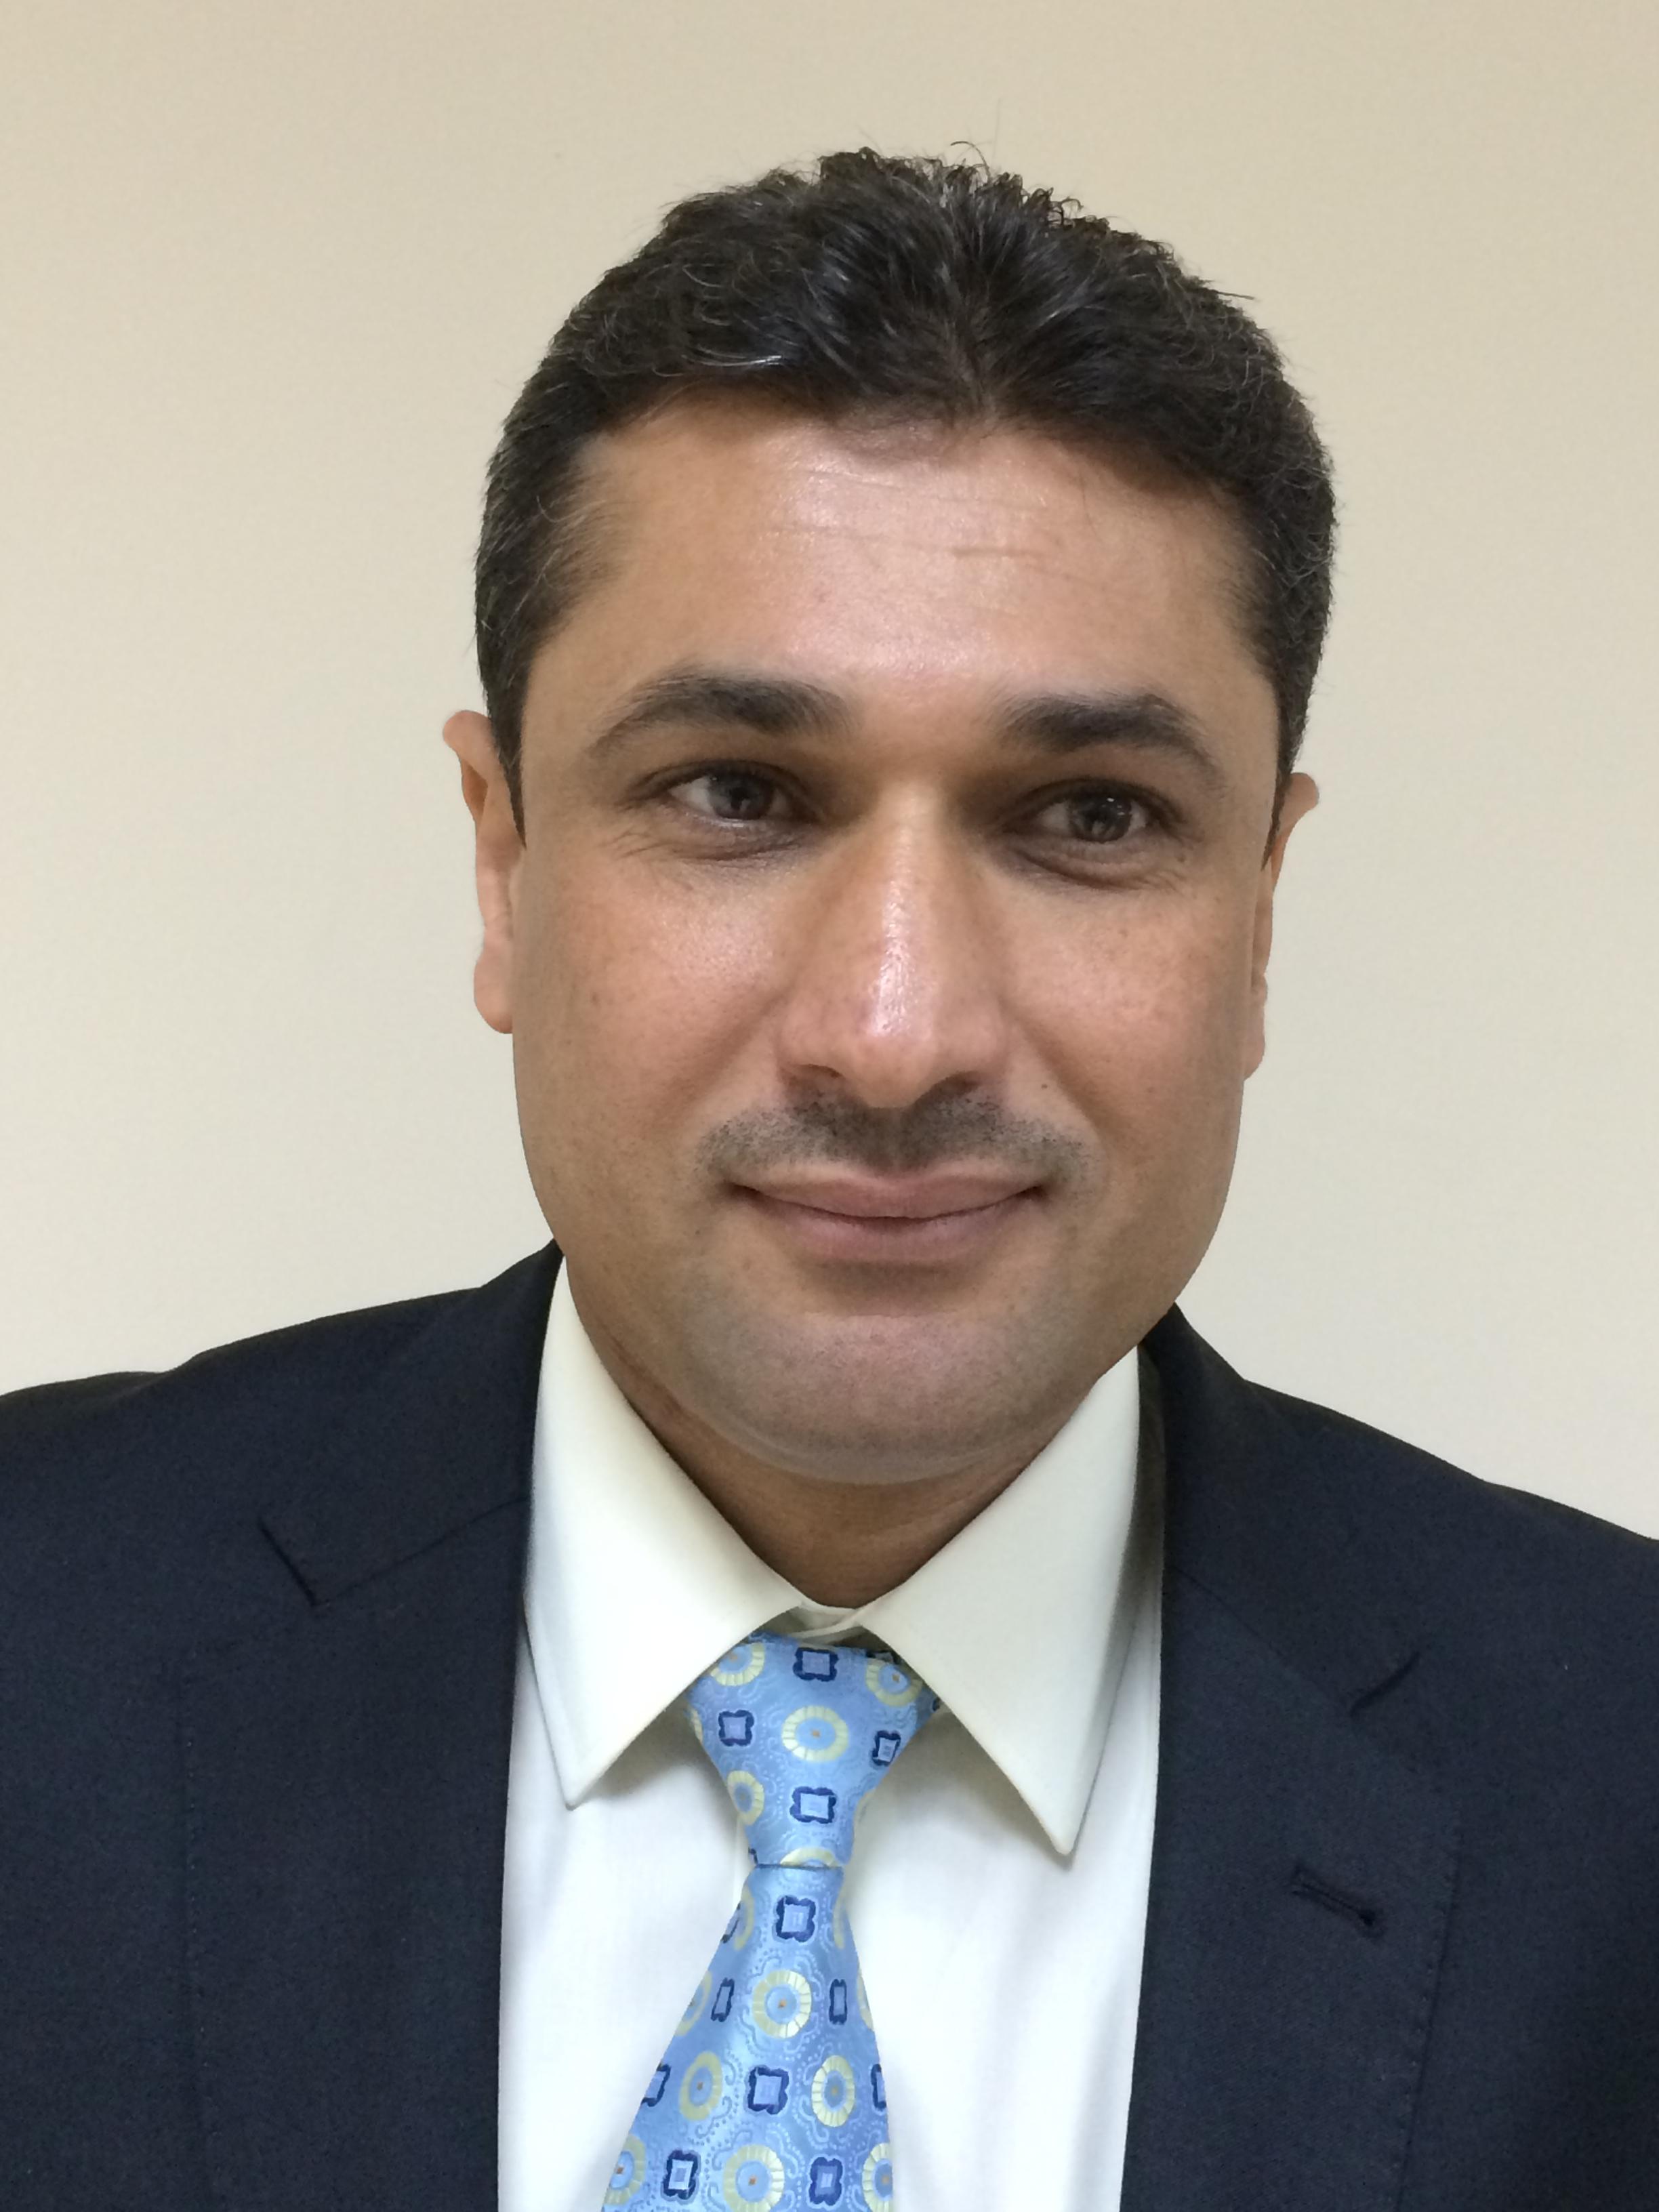 Montather Majeed Ali